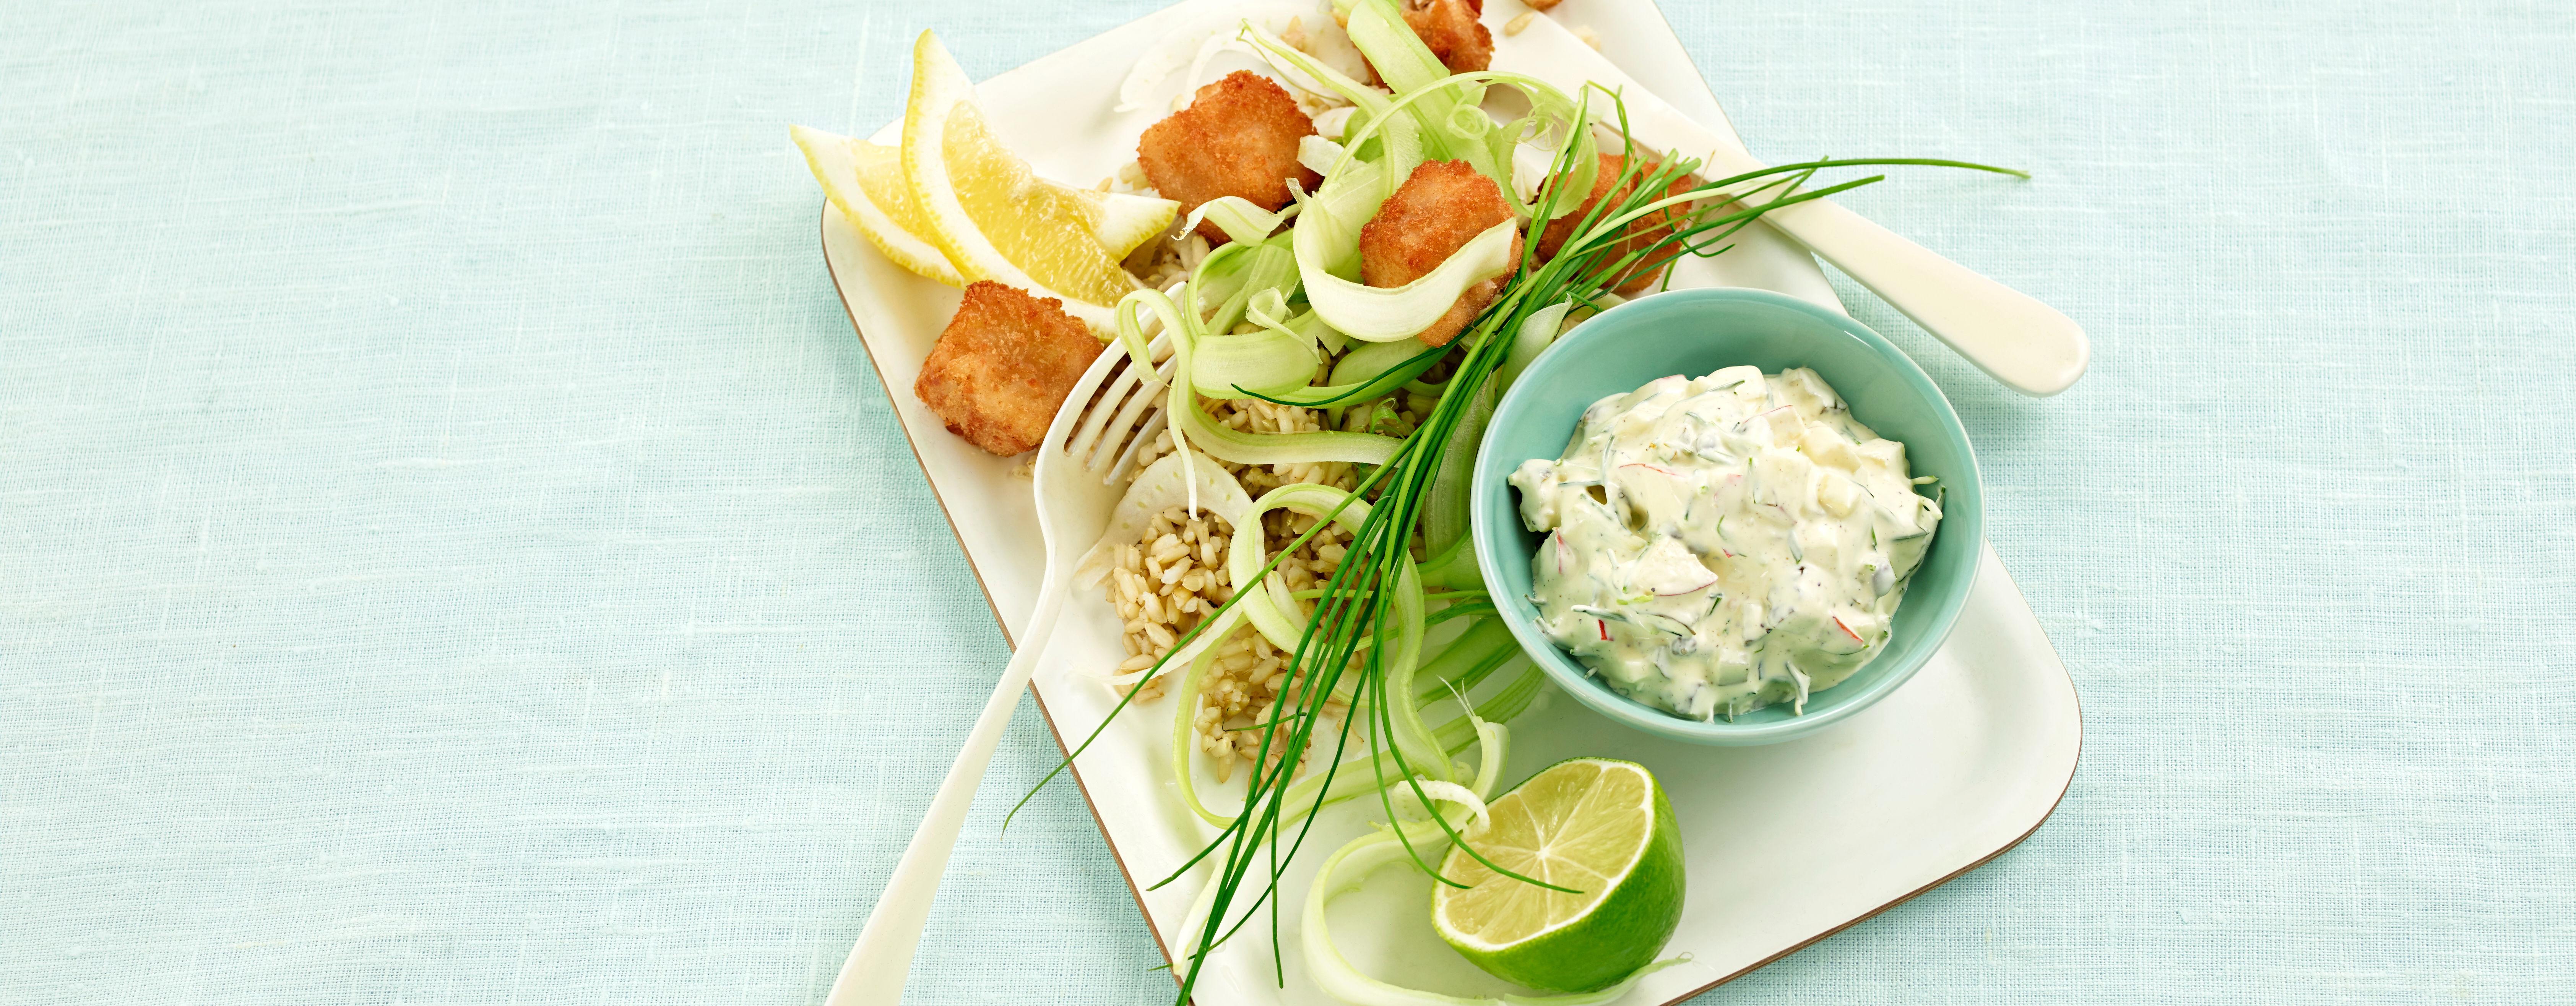 Prøv pankopanerte torskenuggets til middag!